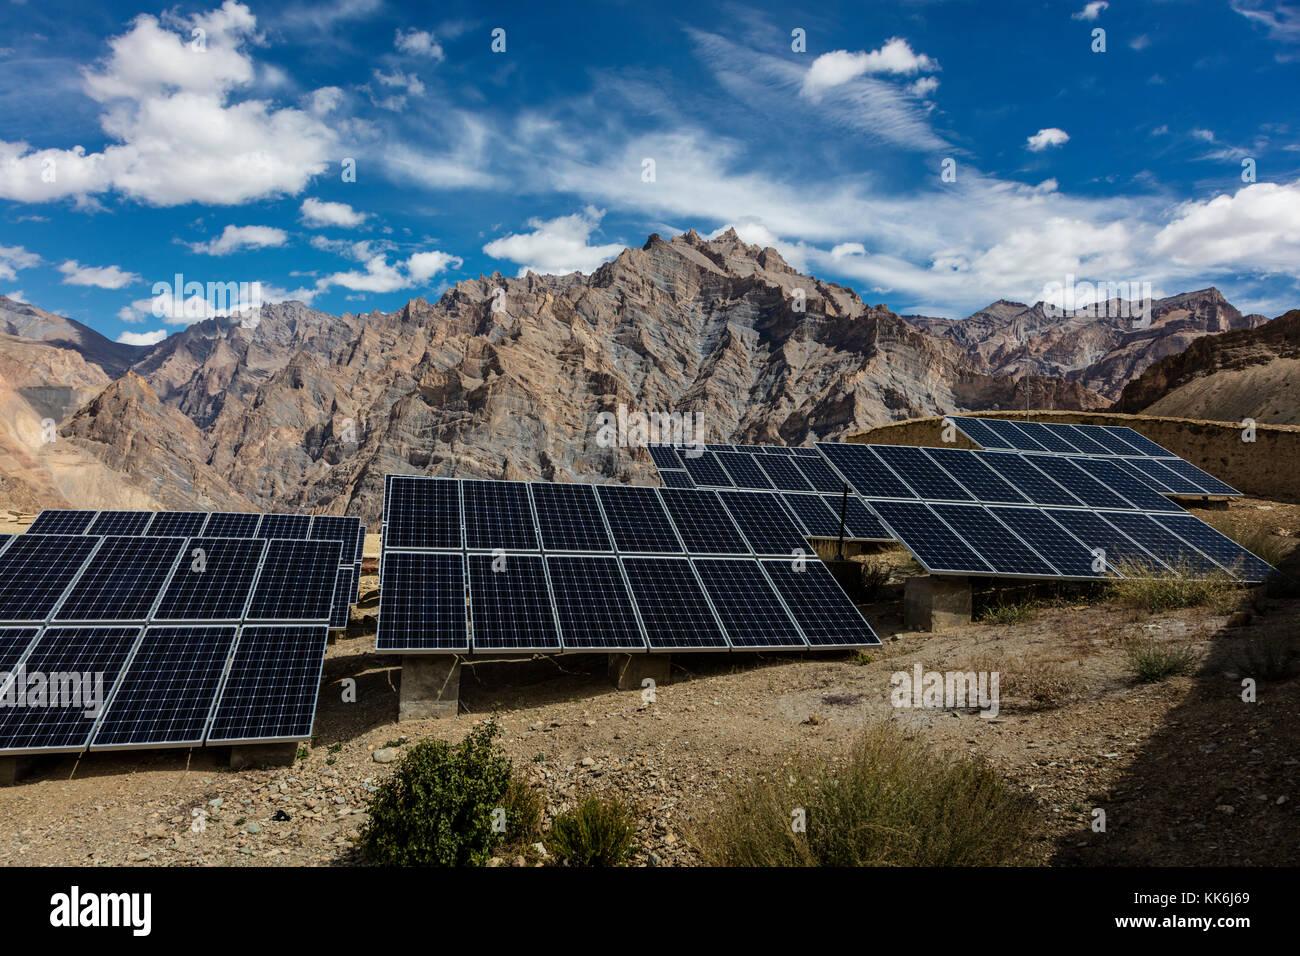 Paneles solares para crear electricidad nyerak aldea ubicada en el Bajo Zanskar River Gorge - Bajo Zanskar, Ladakh, Imagen De Stock